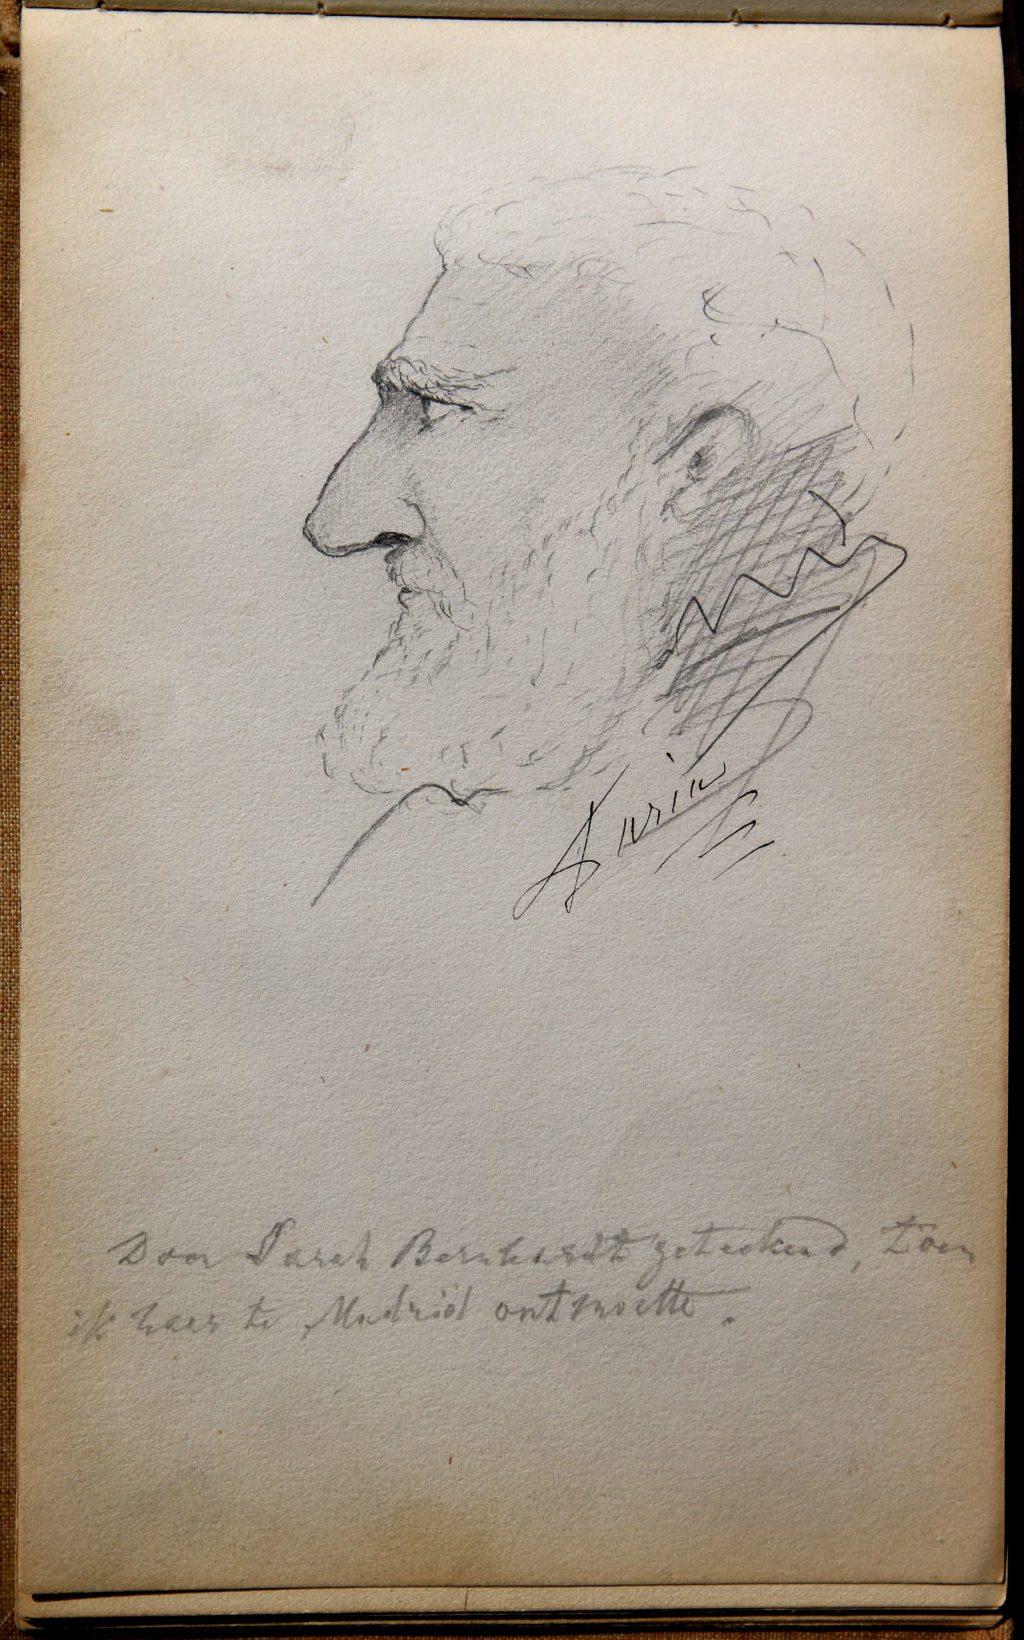 Tekening van Sarah Bernhardt in het handtekeningenboekje van Mienette Storm-van der Chijs